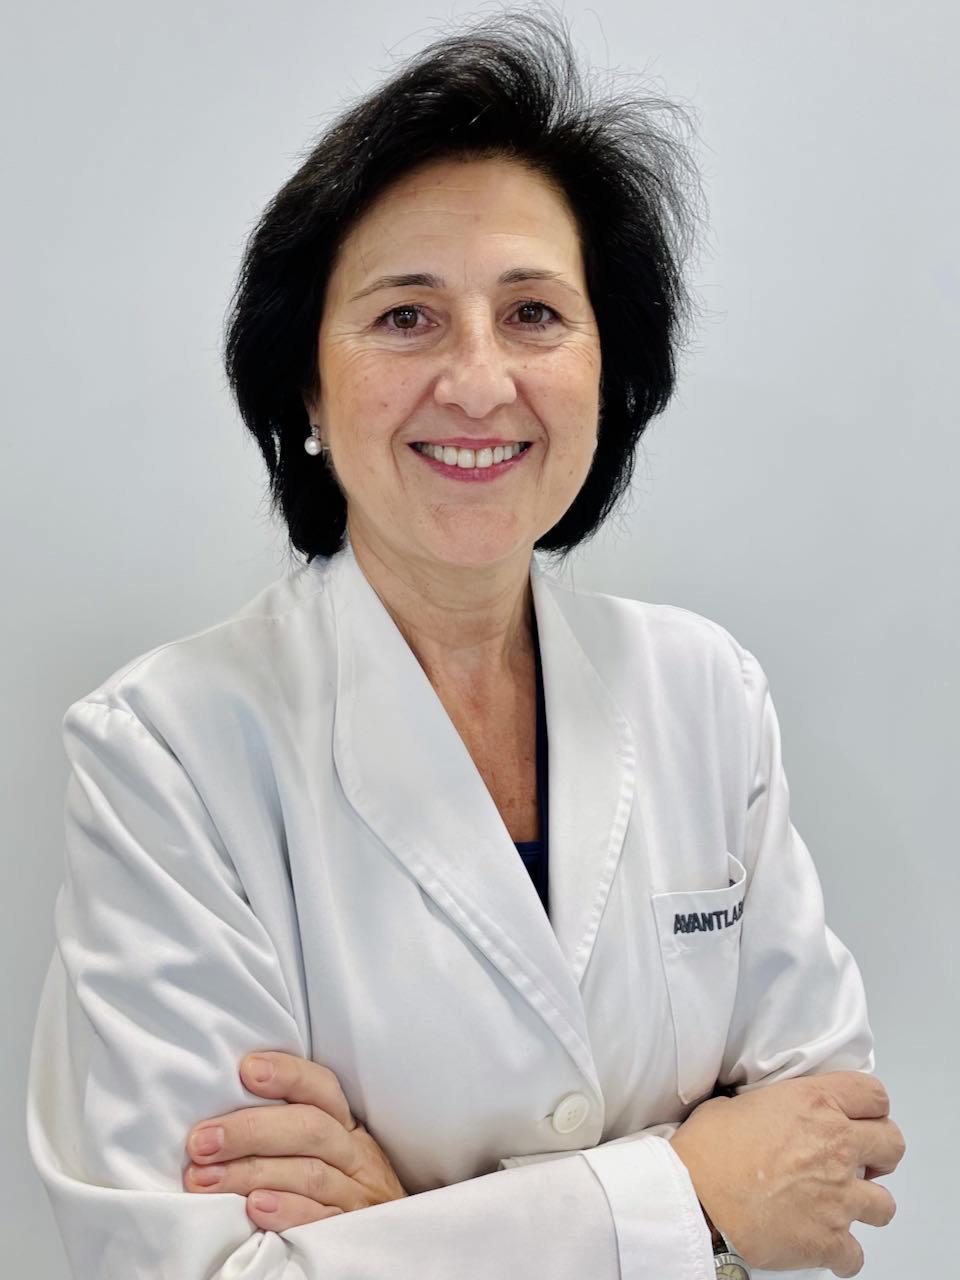 Sra. Mariona Pujol-Galceran de Visa-Sitjar